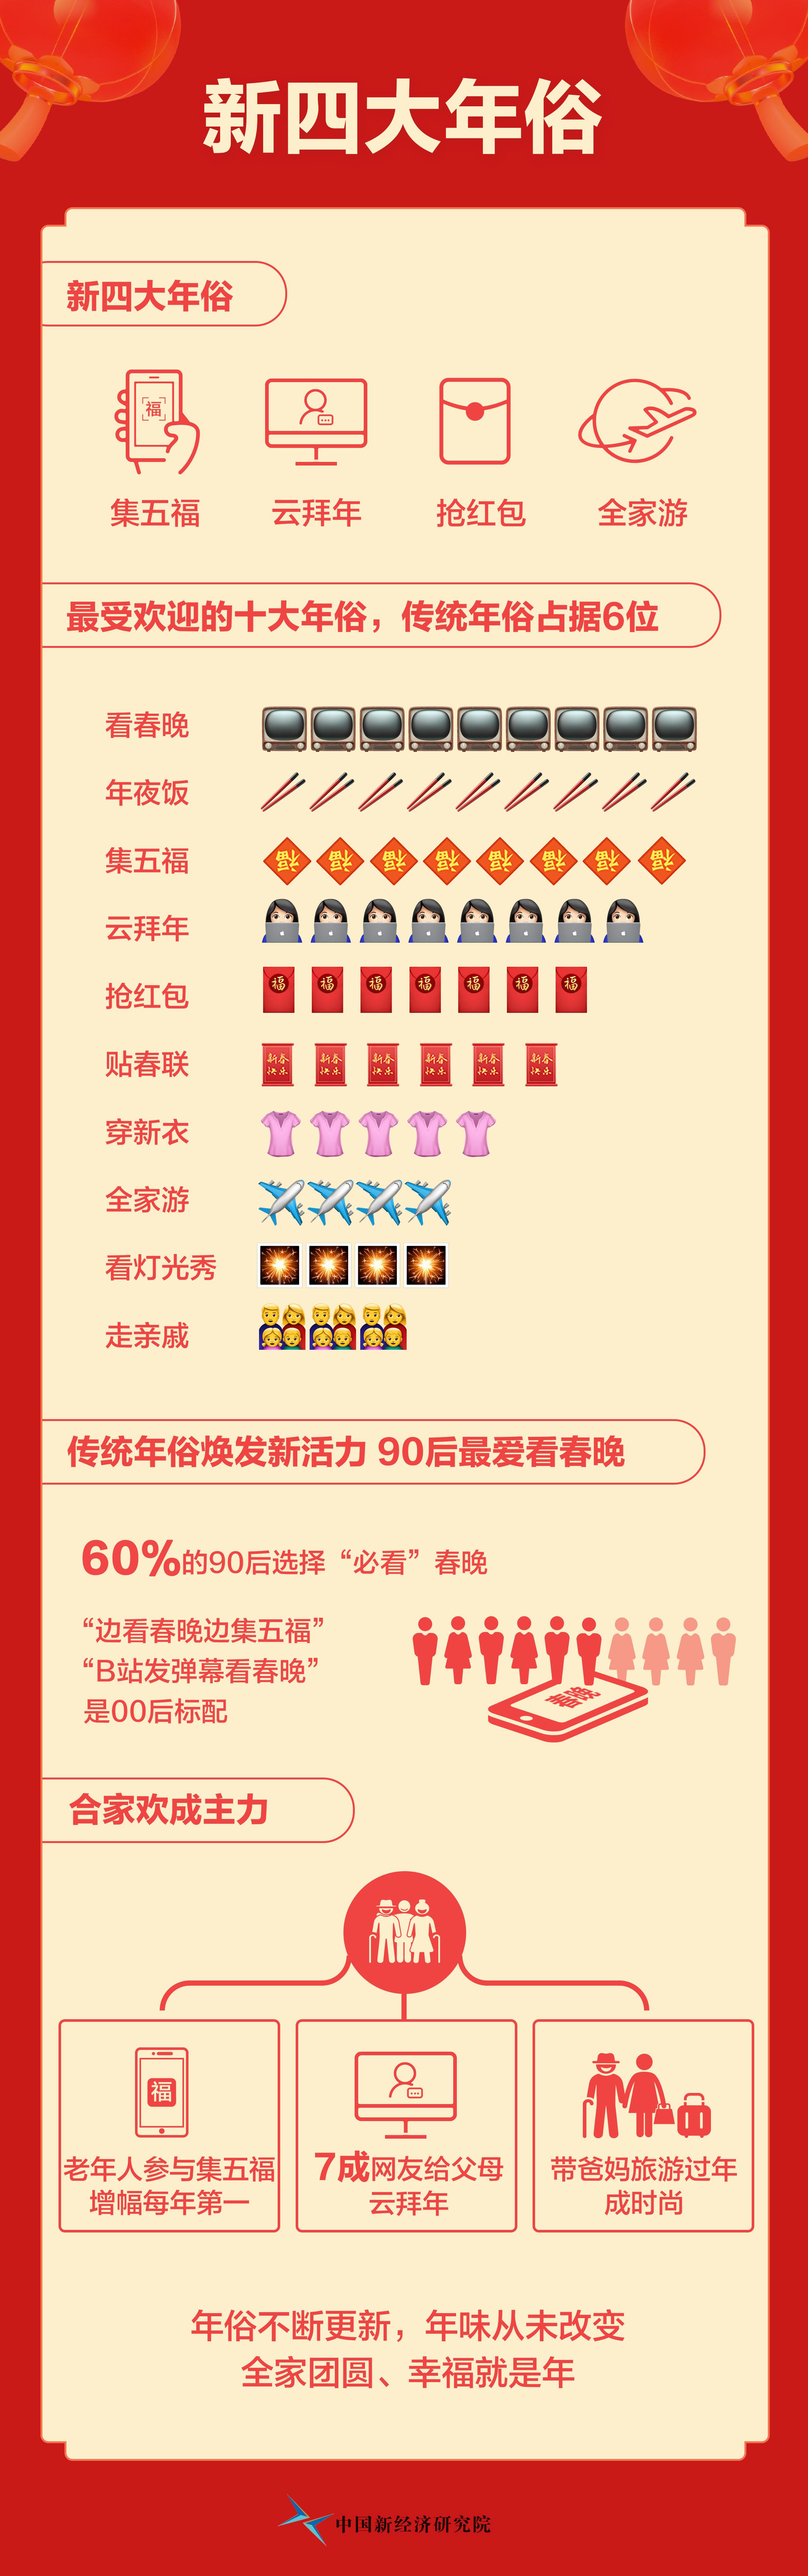 """""""新四大年俗""""揭晓:集五福、云拜年、抢红包、全家游"""